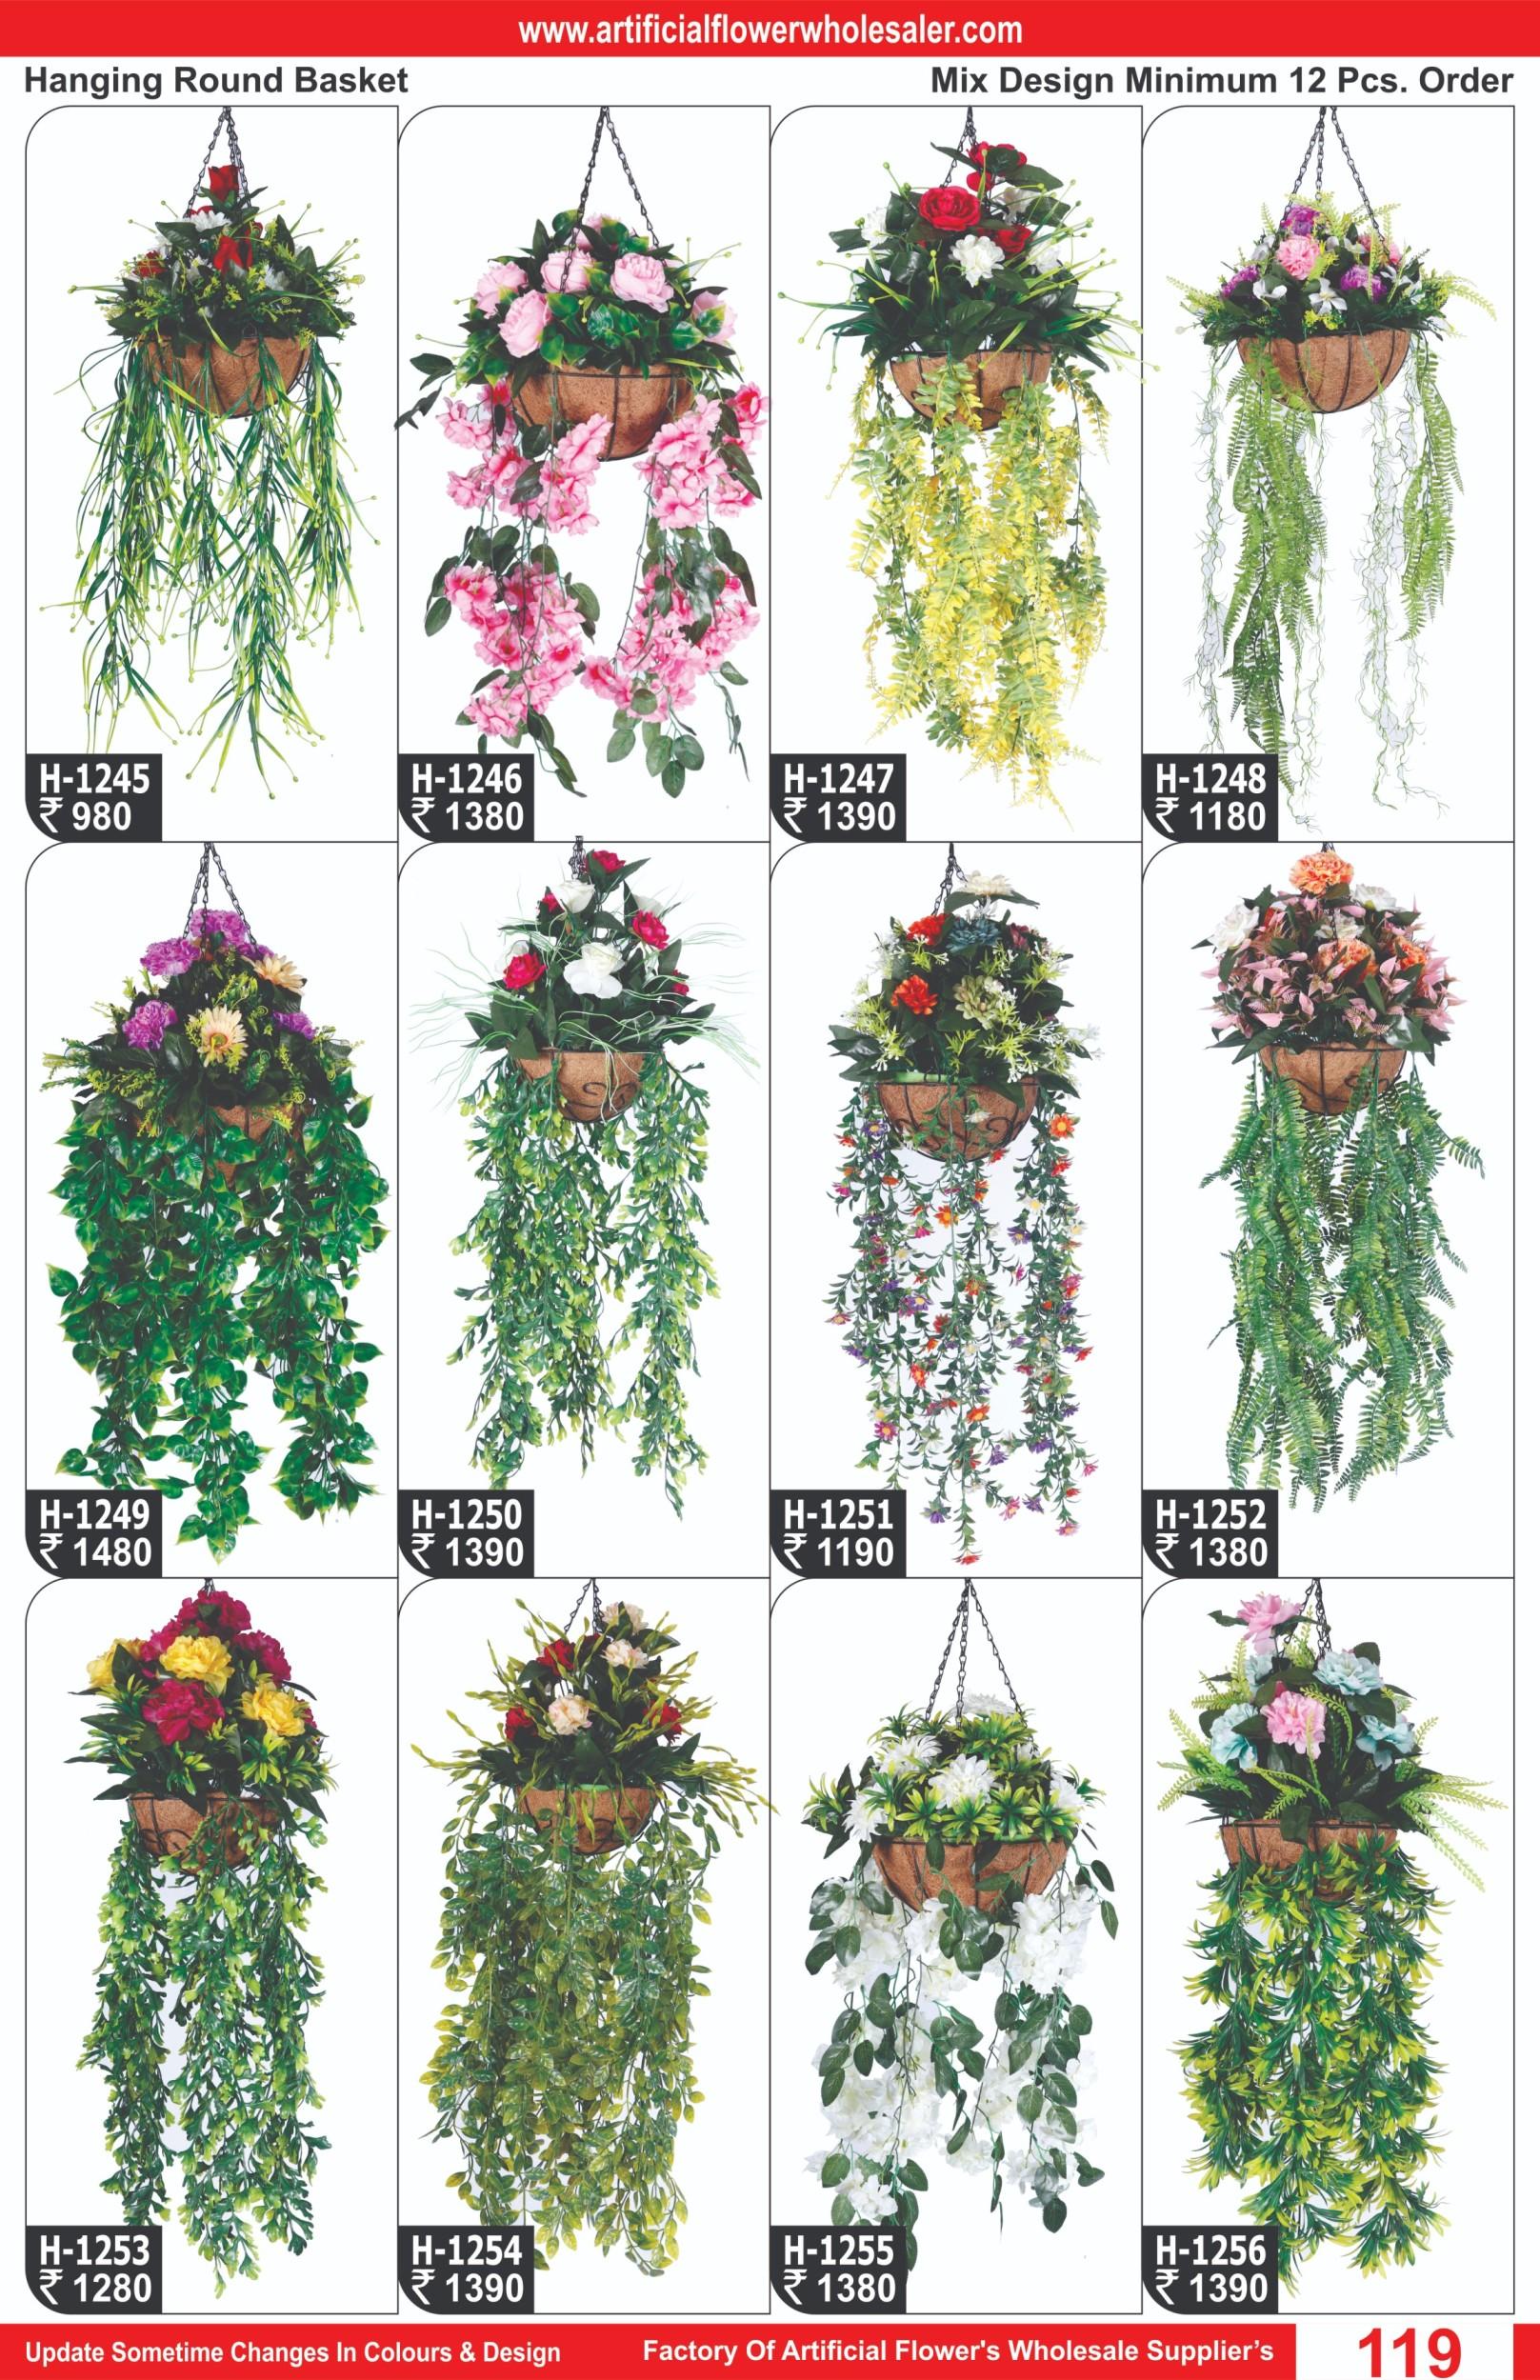 119-new-artificial-flower-wholesaler